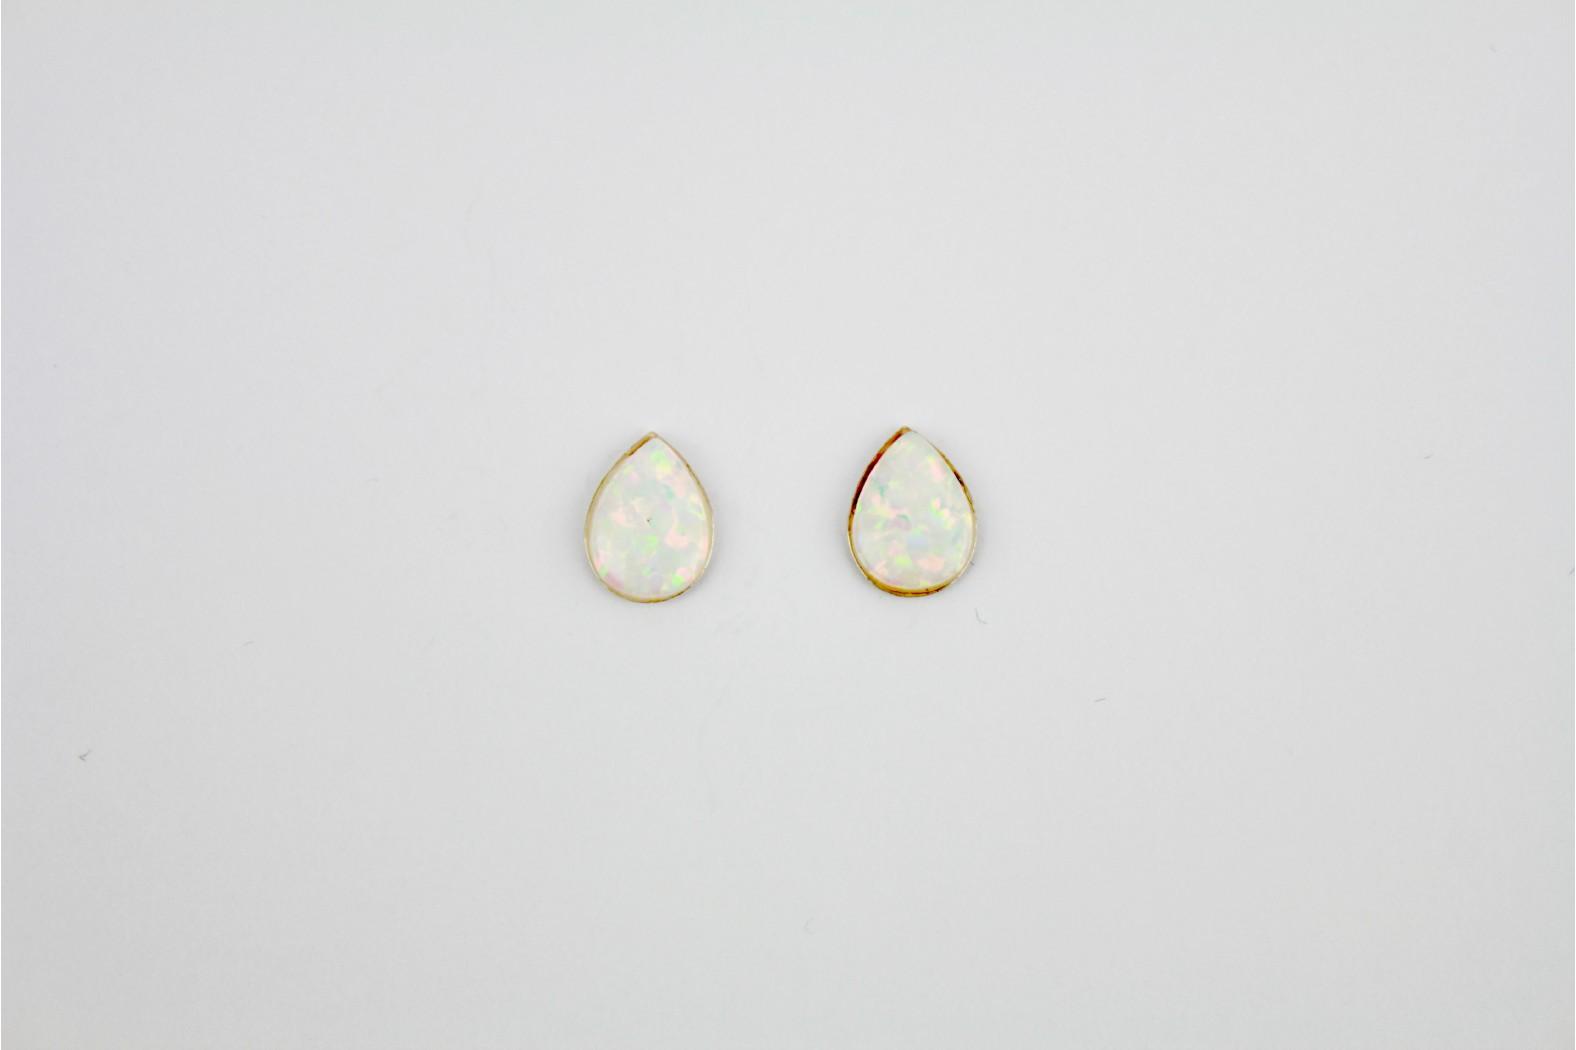 White Opal Fire teardrop shaped created stud earrings